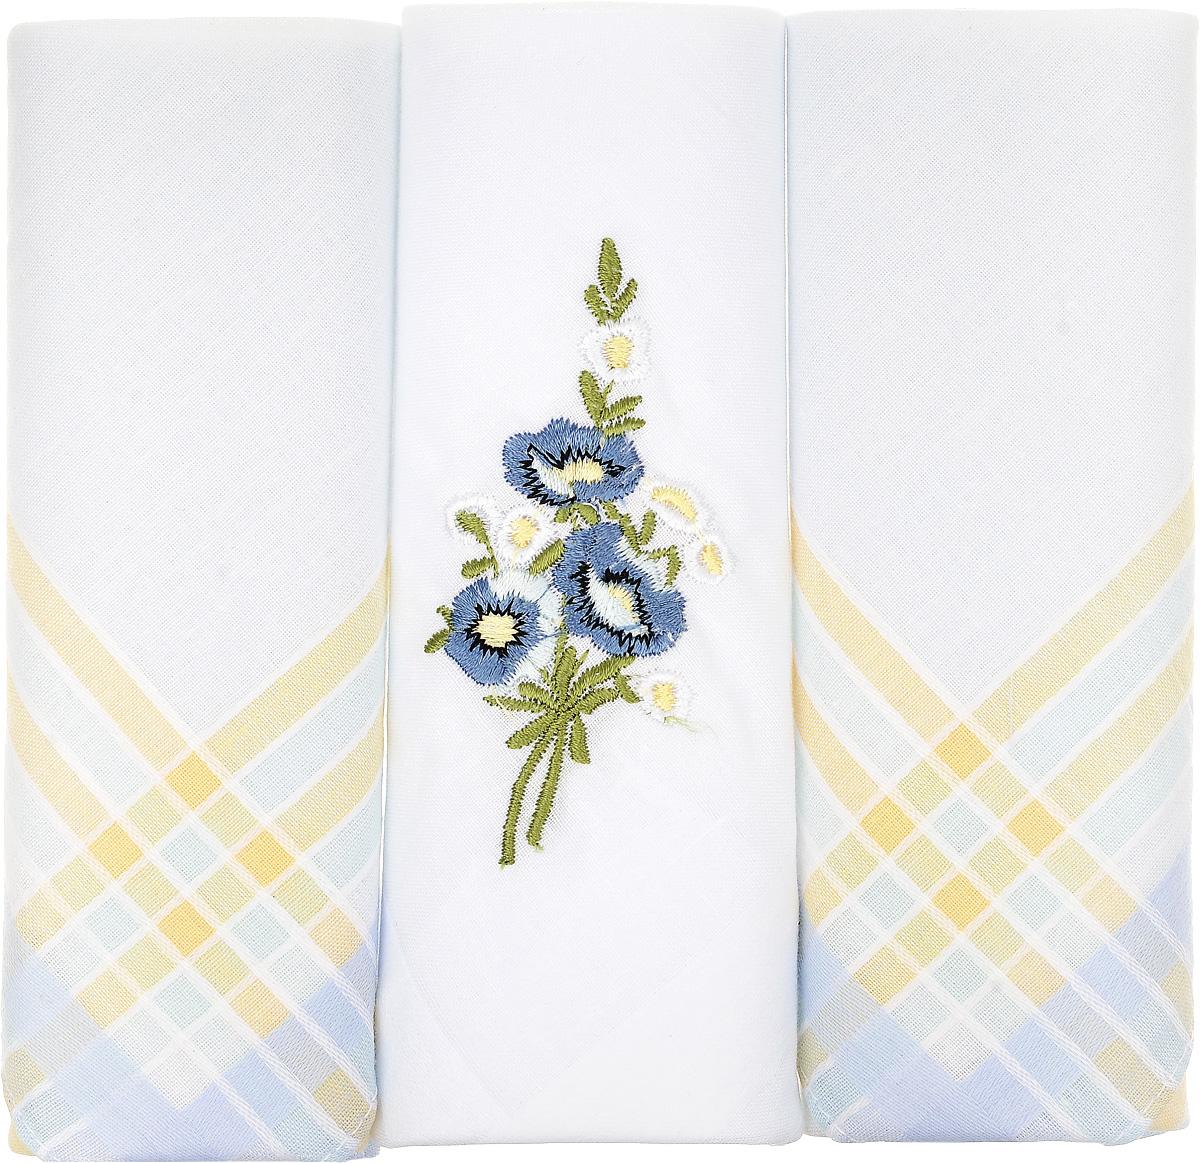 Платок носовой женский Zlata Korunka, цвет: белый, светло-голубой, желтый, 3 шт. 90329-47. Размер 29 см х 29 см90329-47Небольшой женский носовой платок Zlata Korunka изготовлен из высококачественного натурального хлопка, благодаря чему приятен в использовании, хорошо стирается, не садится и отлично впитывает влагу. Практичный и изящный носовой платок будет незаменим в повседневной жизни любого современного человека. Такой платок послужит стильным аксессуаром и подчеркнет ваше превосходное чувство вкуса. В комплекте 3 платка.